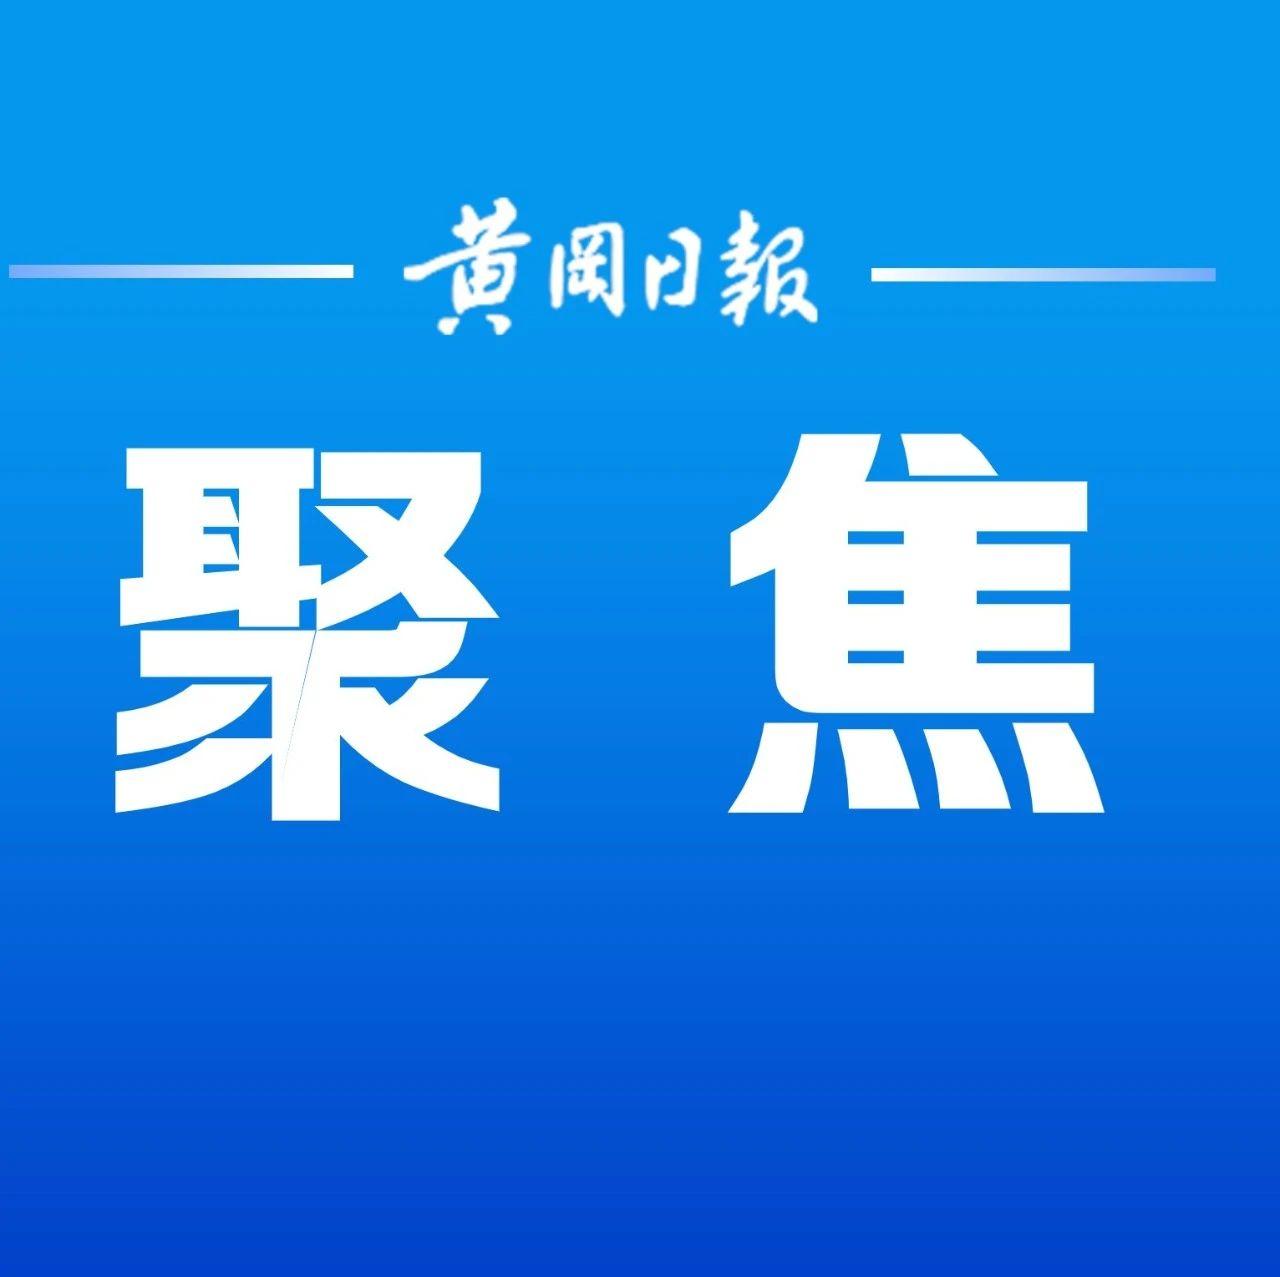 2020黃岡工業企業100強發布!有你家公司嗎…